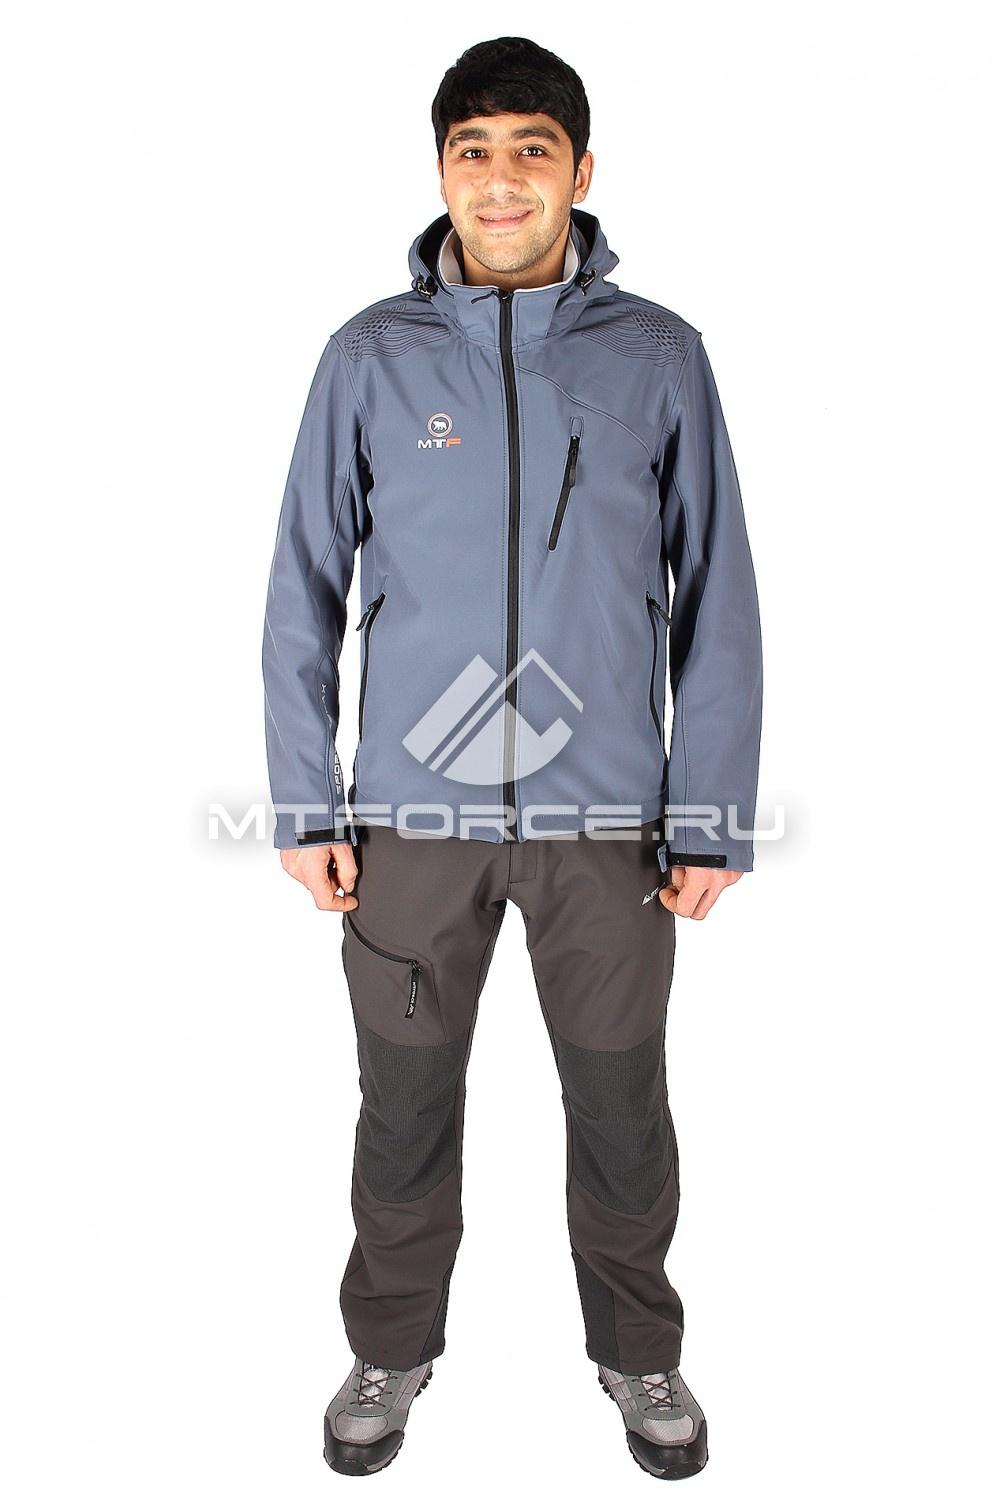 Купить                                  оптом Костюм виндстопер мужской серого цвета  01523Sr